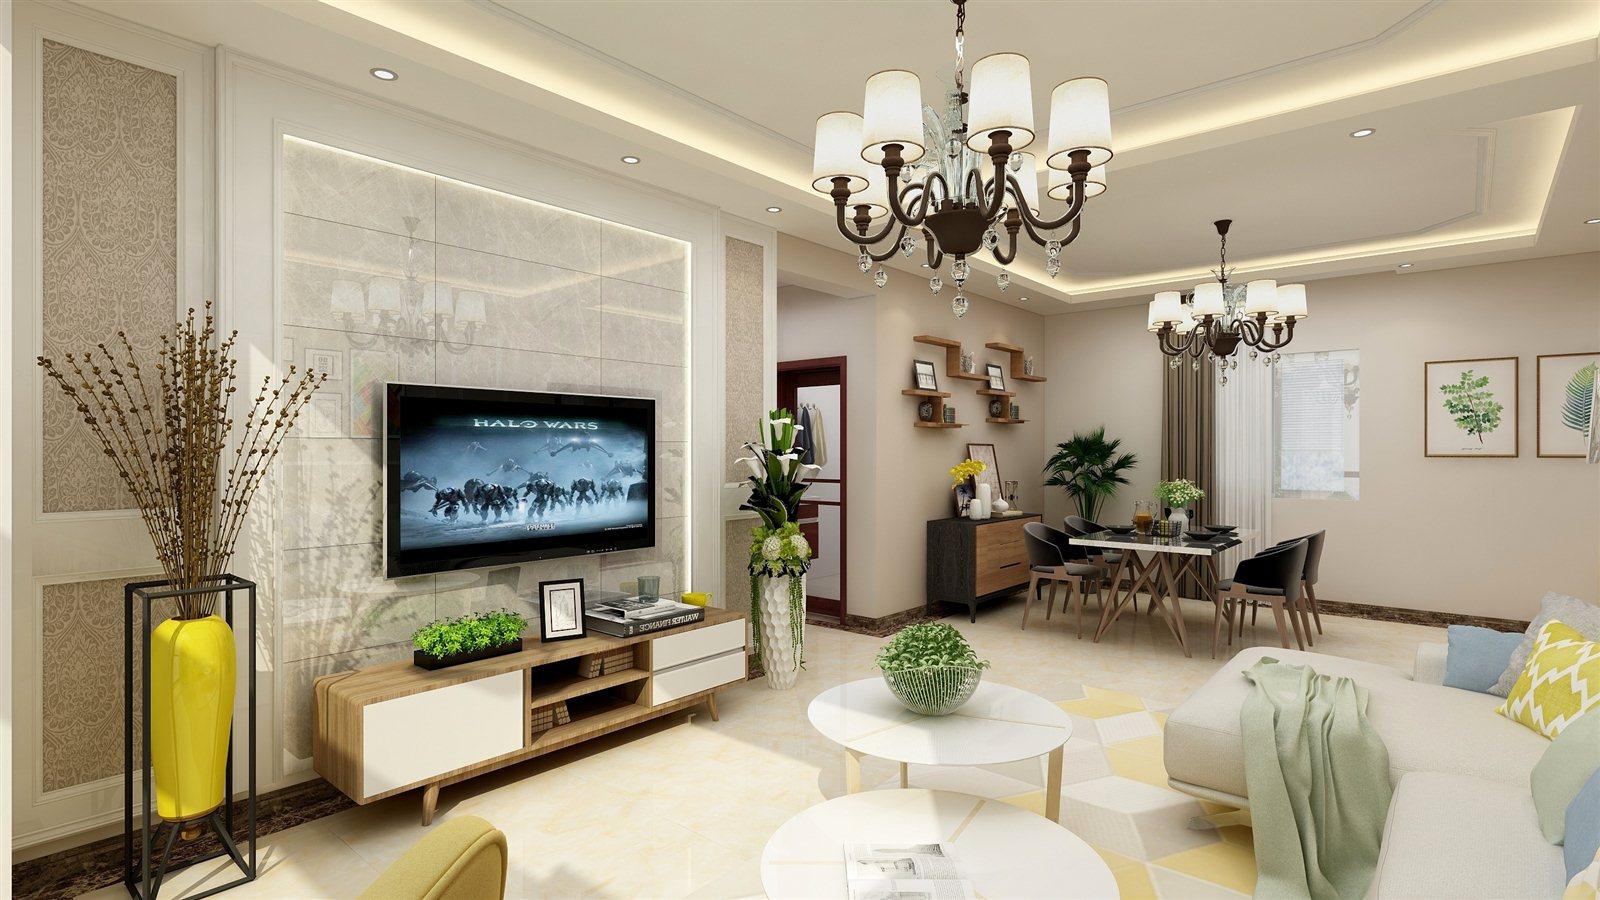 福泽家园3室 2厅 1卫35.86万元